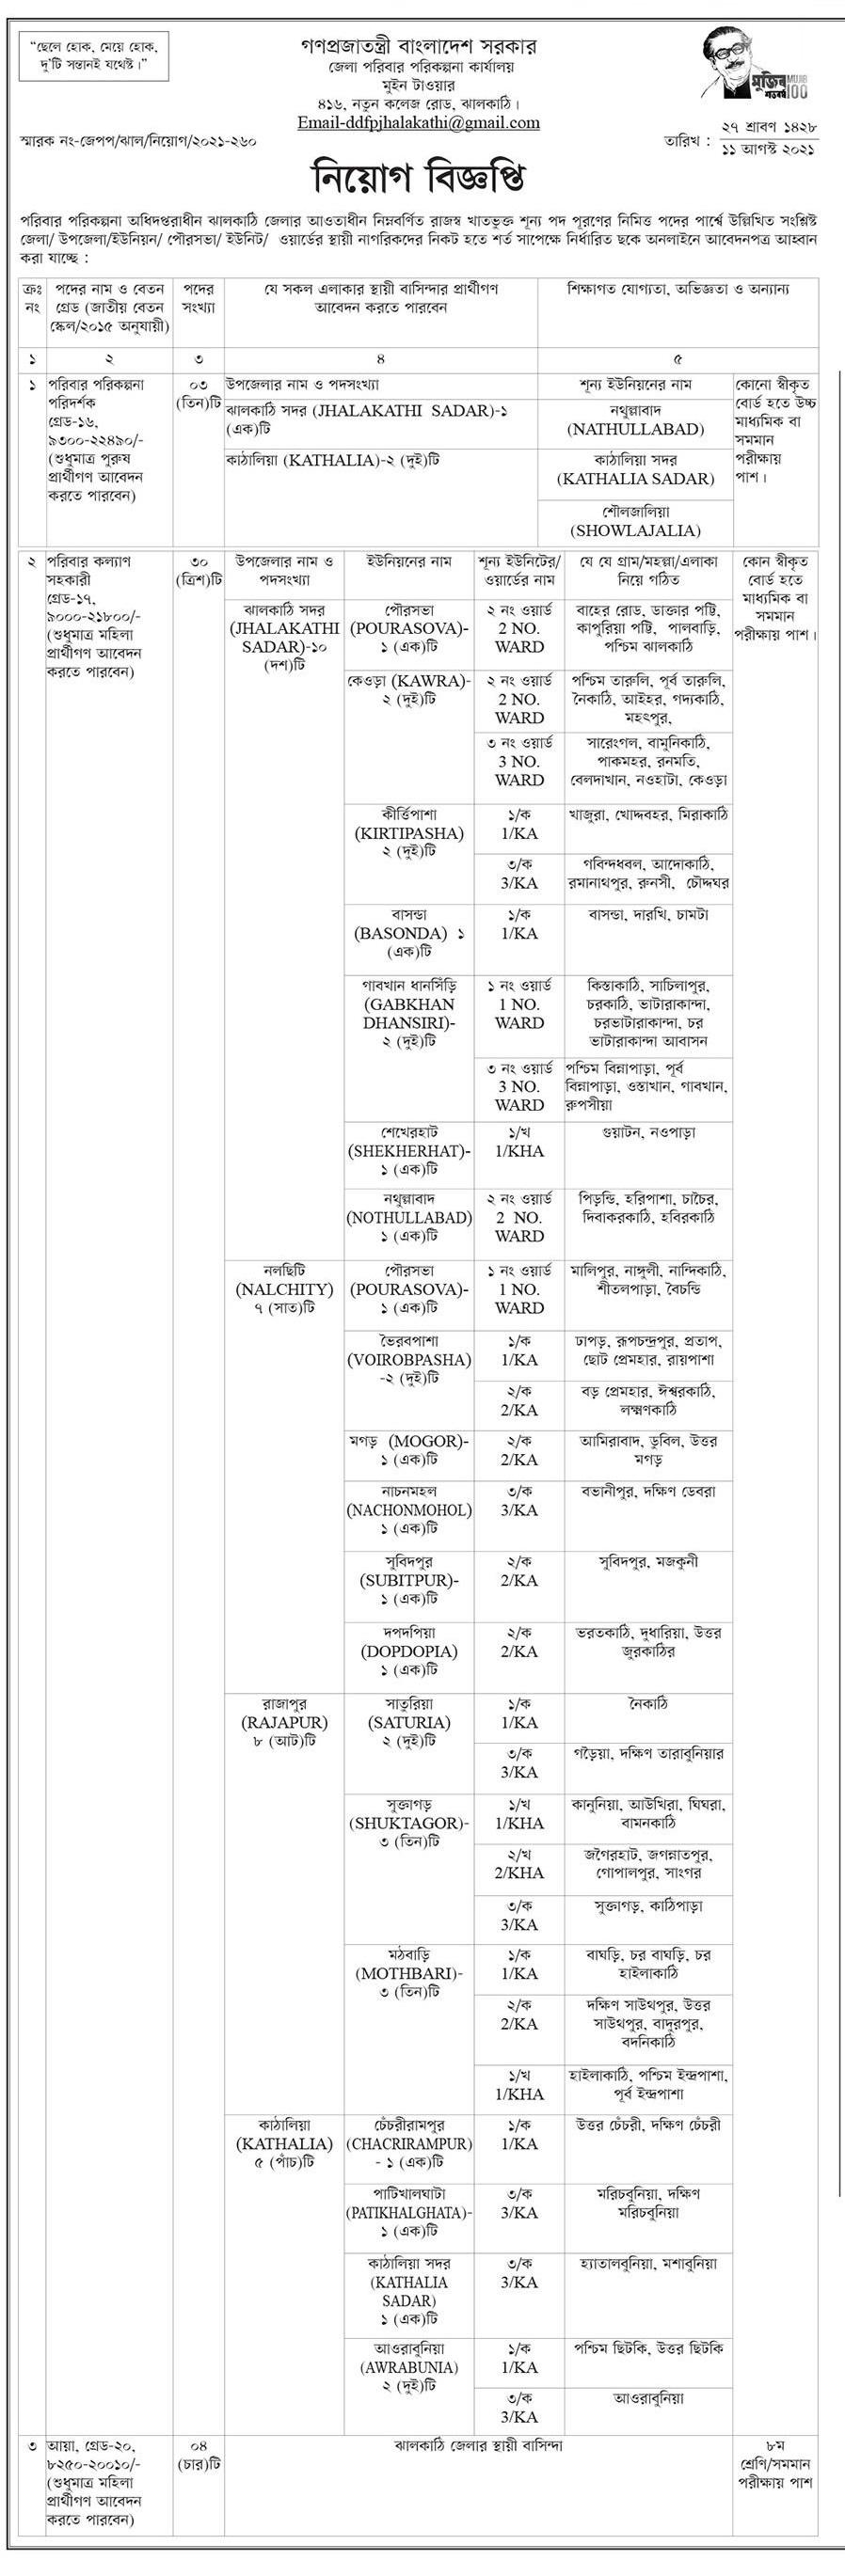 ঝালকাঠি জেলা পরিবার পরিকল্পনা নিয়োগ বিজ্ঞপ্তি ২০২১ - Jhalakati District Family Planning Job Circular 2021 - পরিবার পরিকল্পনা নিয়োগ বিজ্ঞপ্তি ২০২১